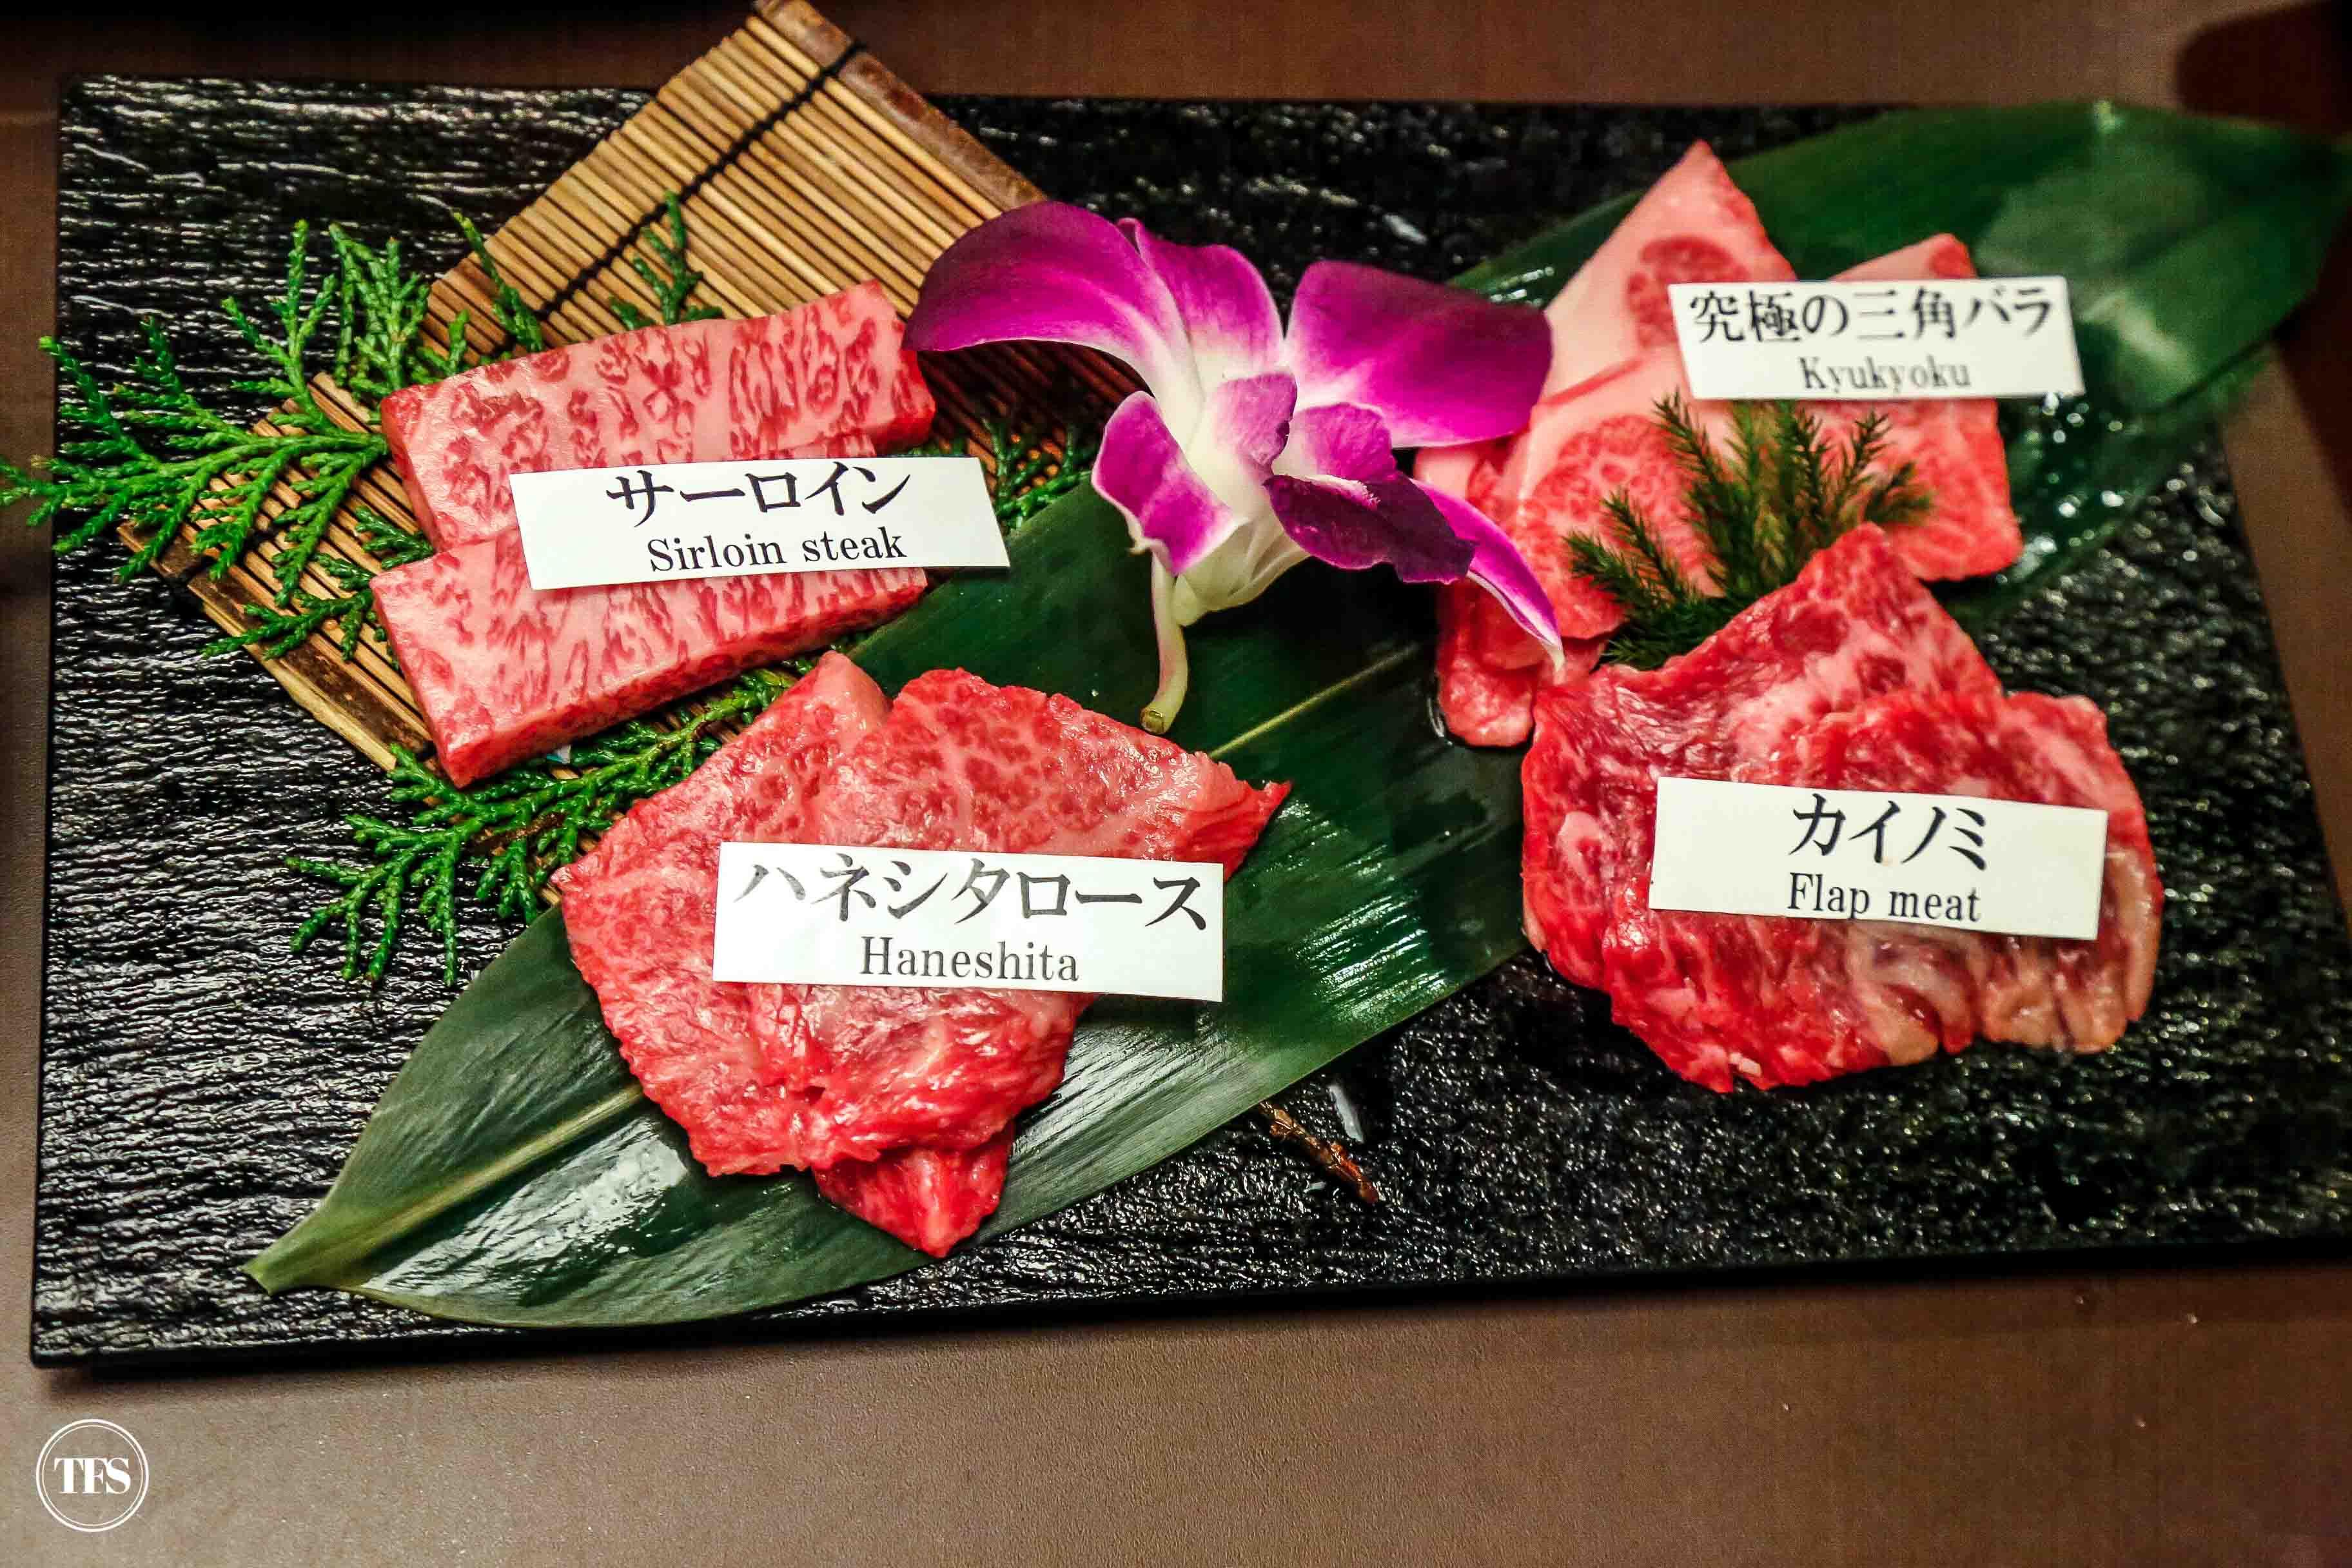 matsusaka beef wagyu